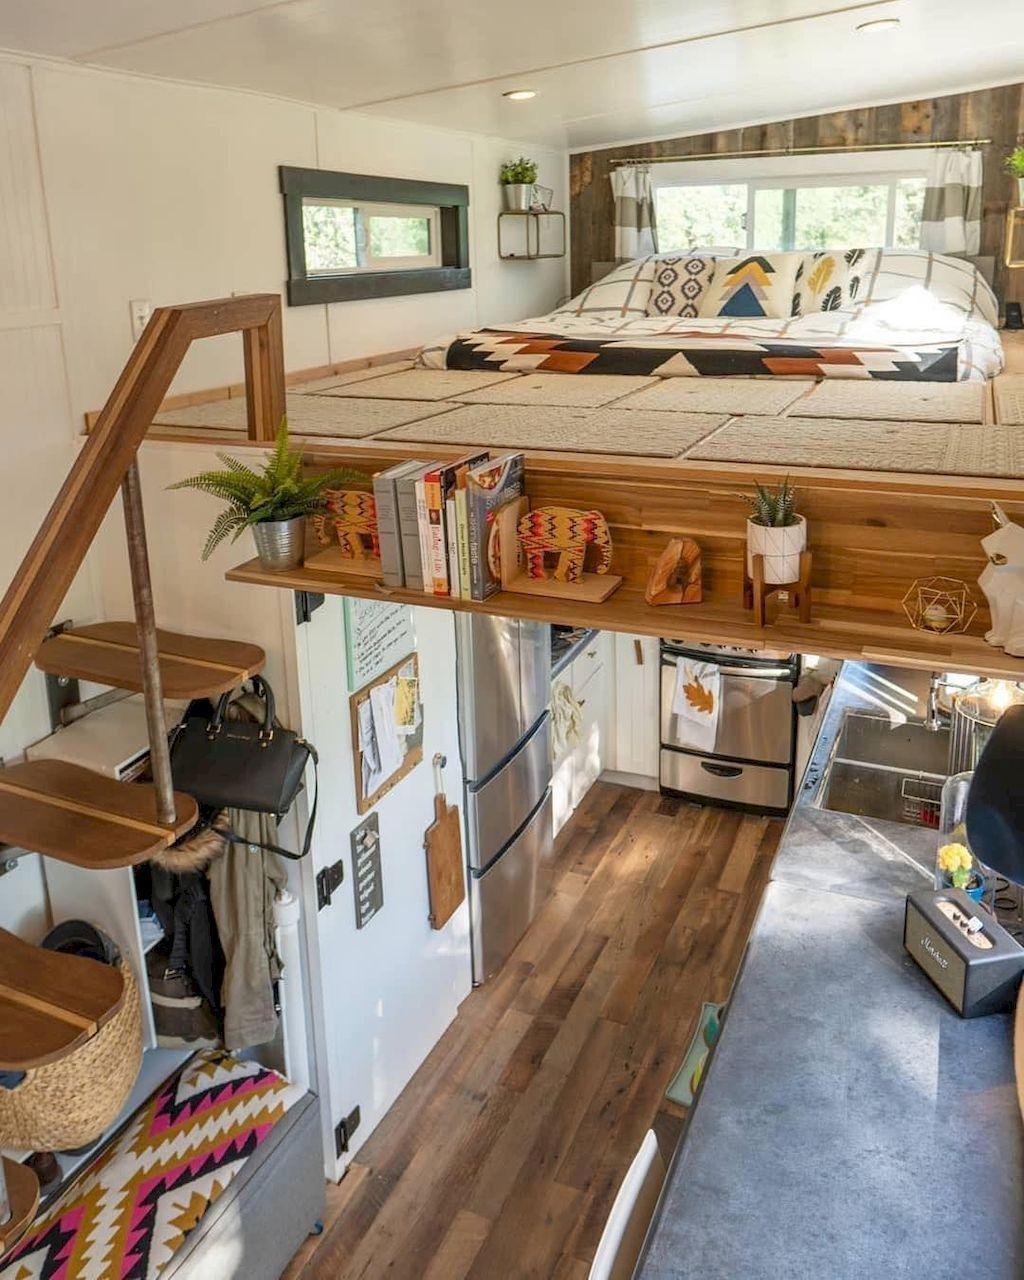 70 Clever Tiny House Interior Design Ideas Pickndecor Com Furniture In 2020 Tiny House Interior Design Tiny House Interior Tiny House Design